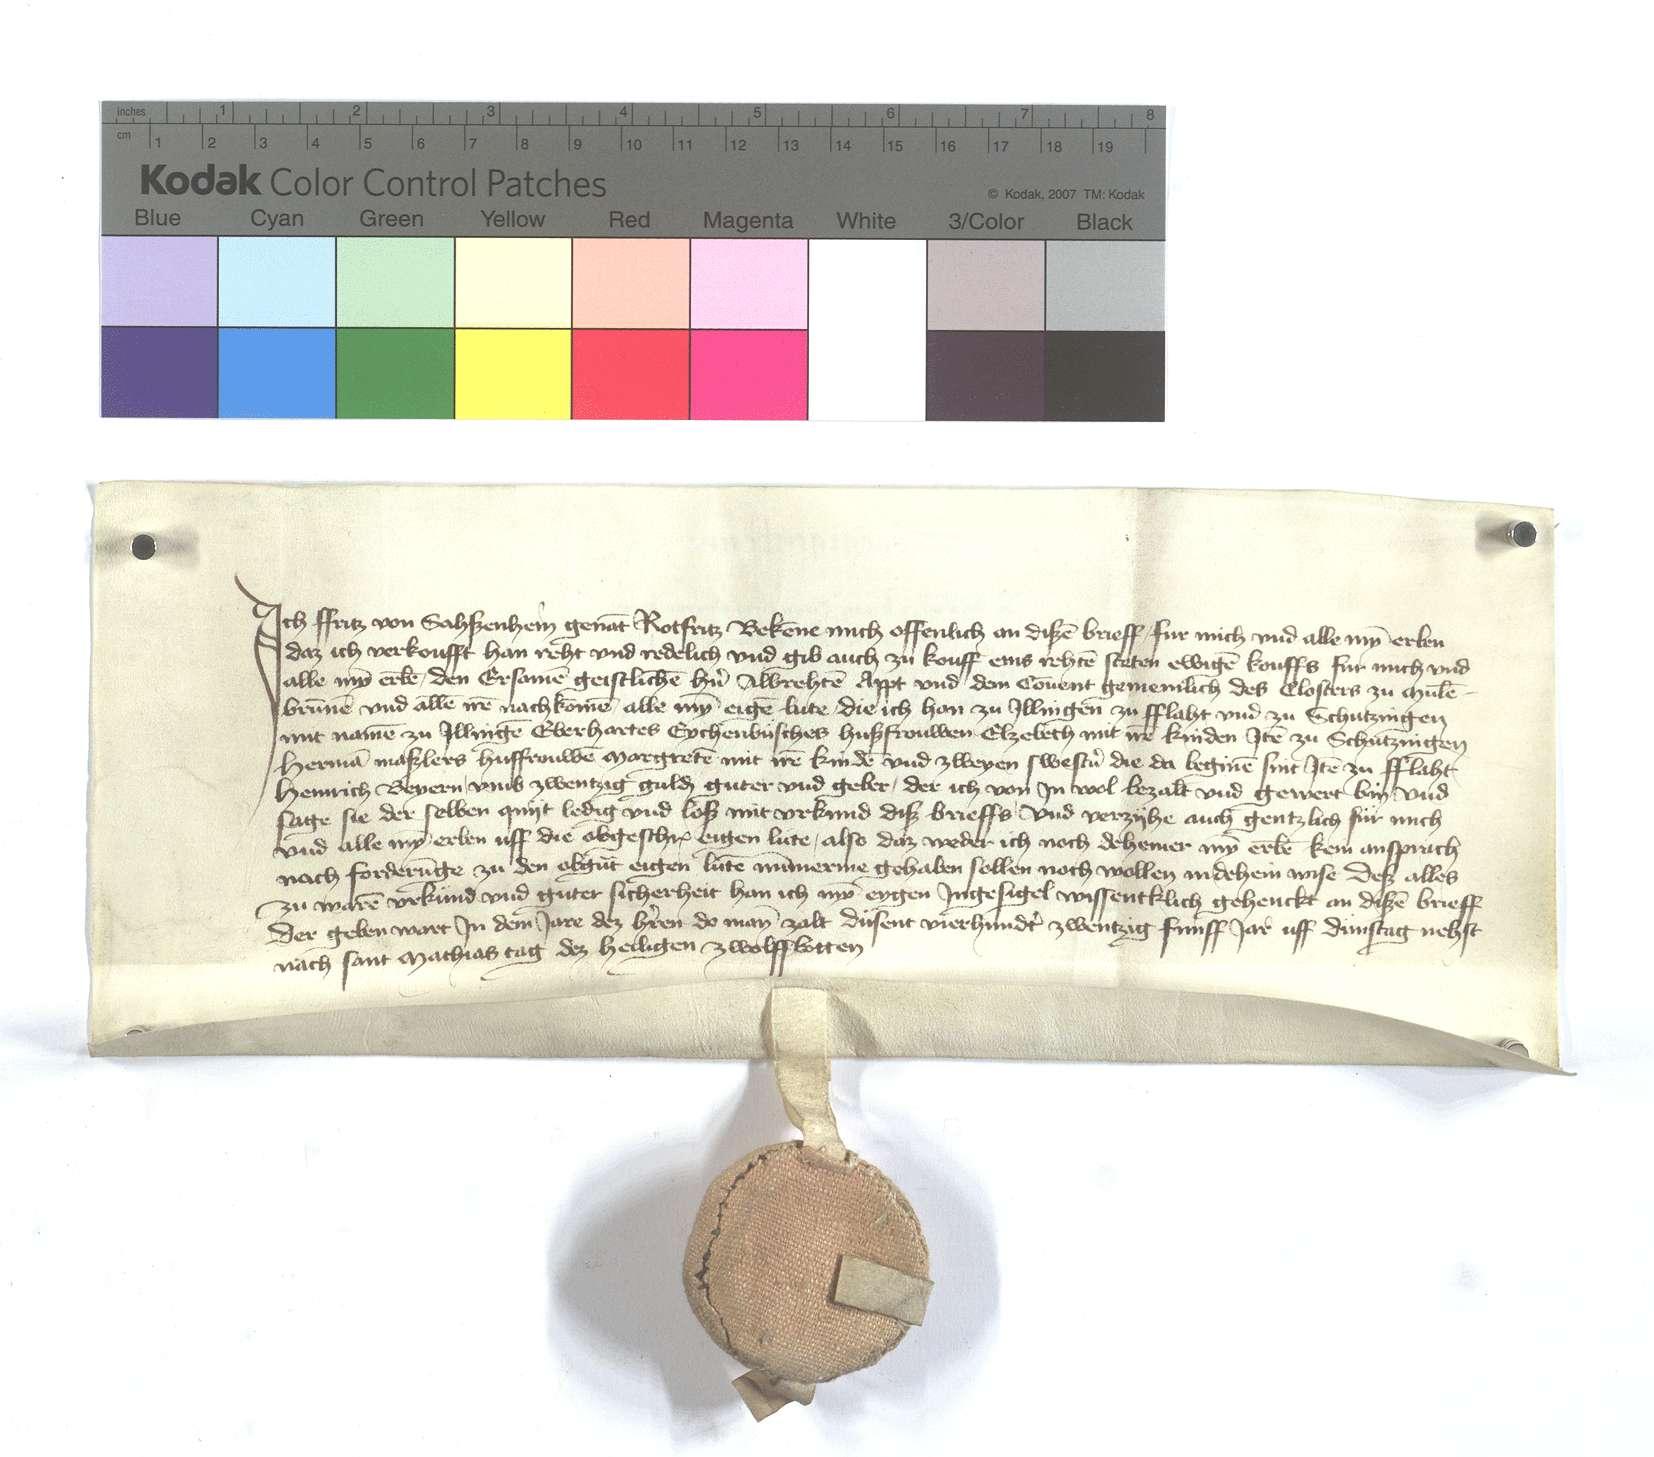 Fertigung des Fritz von Sachsenheim, genannt Rotfritz, um etliche Leibeigene in Illingen, Flacht und Schützingen (Schüzingen)., Text